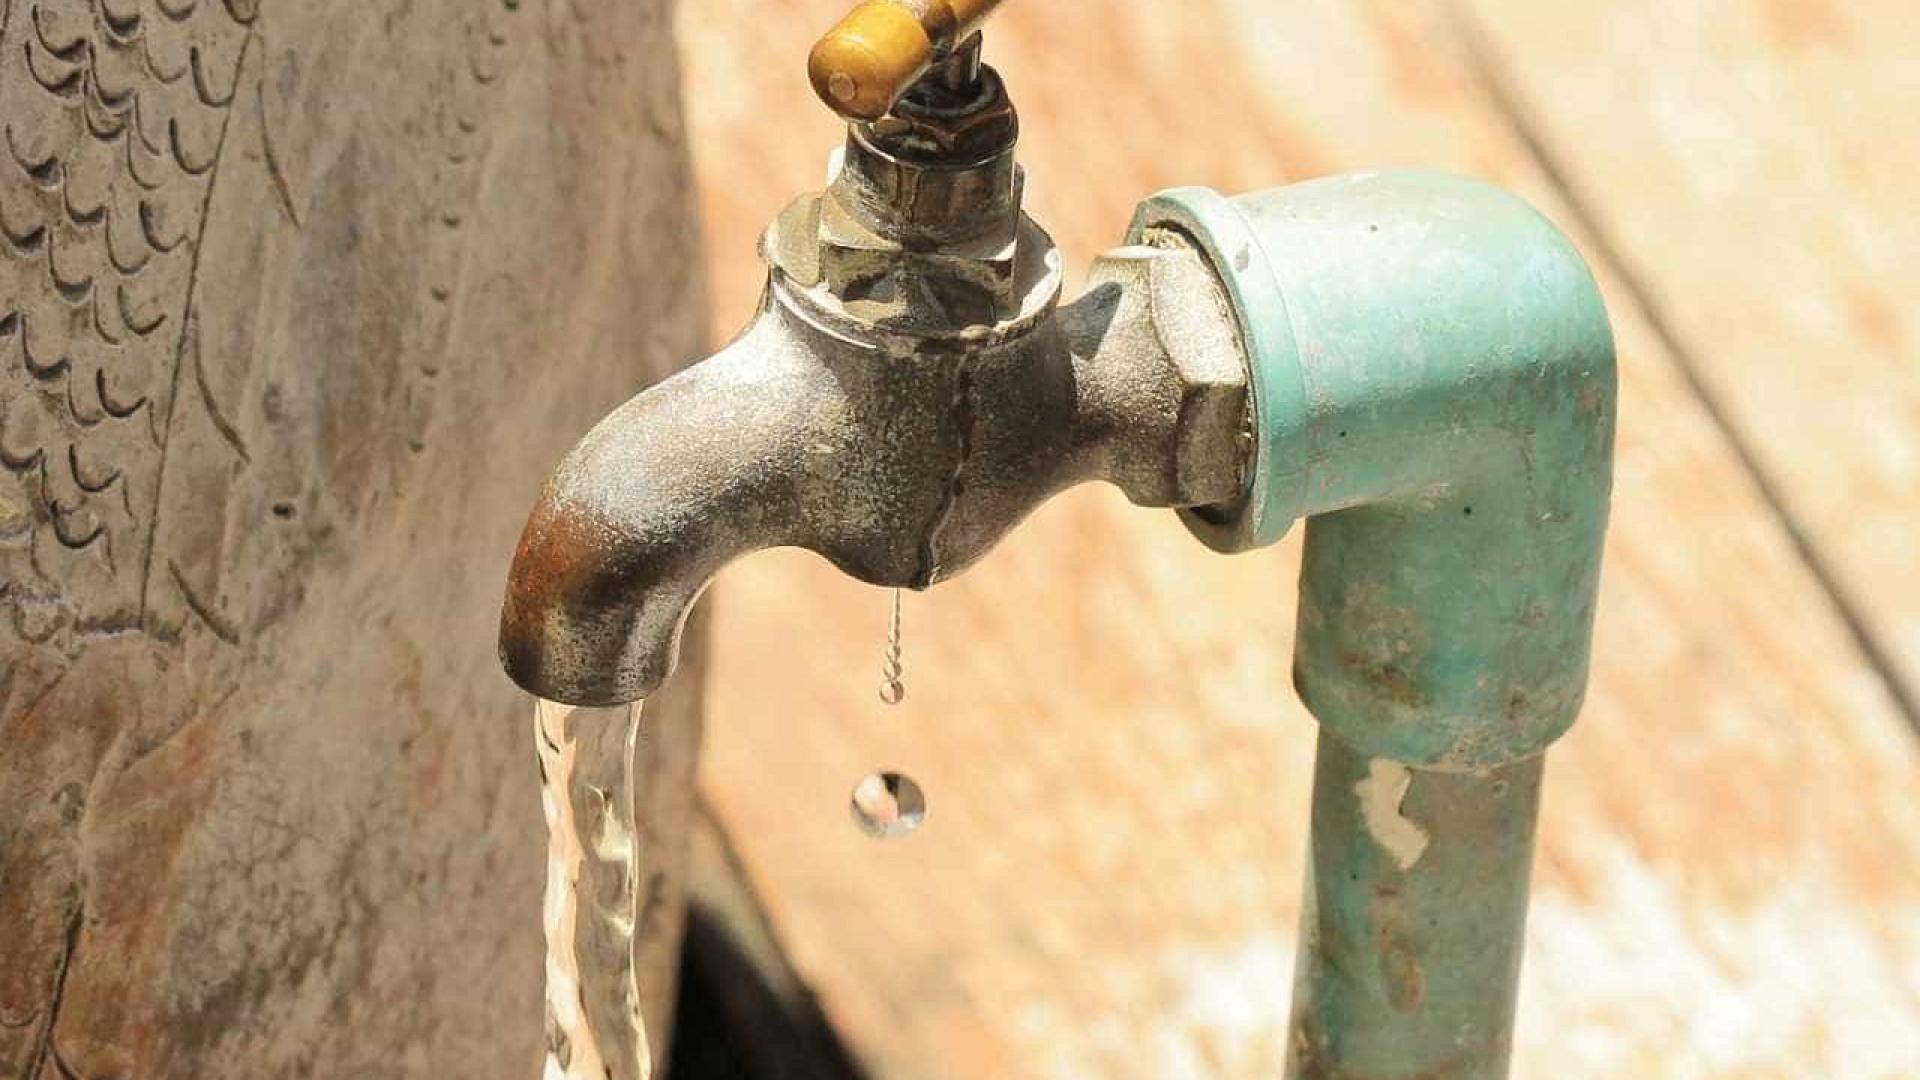 Cada consumidor gasta em média 187 litros de água por dia